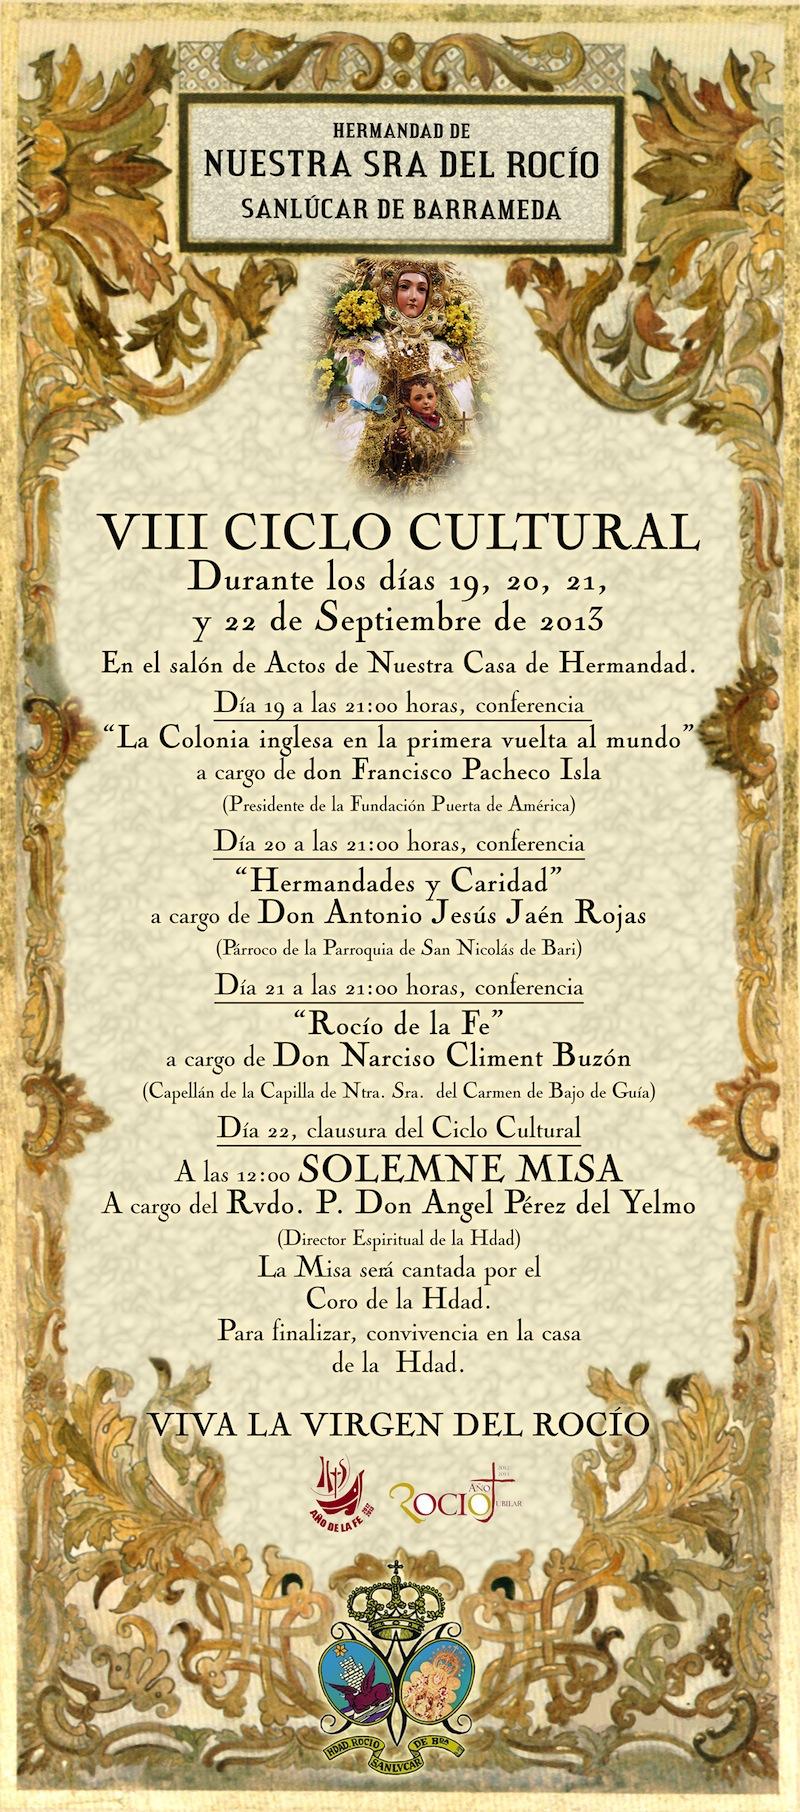 Cartel VIII Ciclo Cultural Rocio de la Hdad. de Sanlúcar de Barrameda